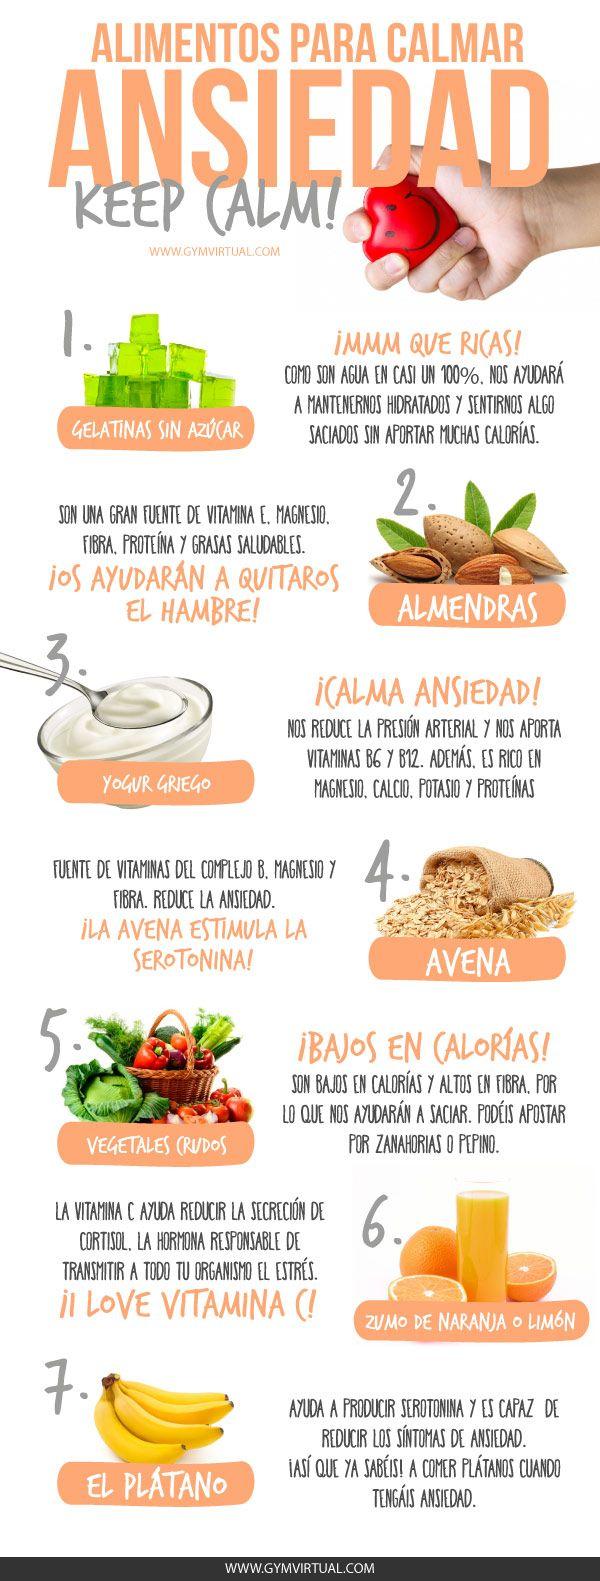 ¿Qué alimentos podemos comer para calmar la ansiedad